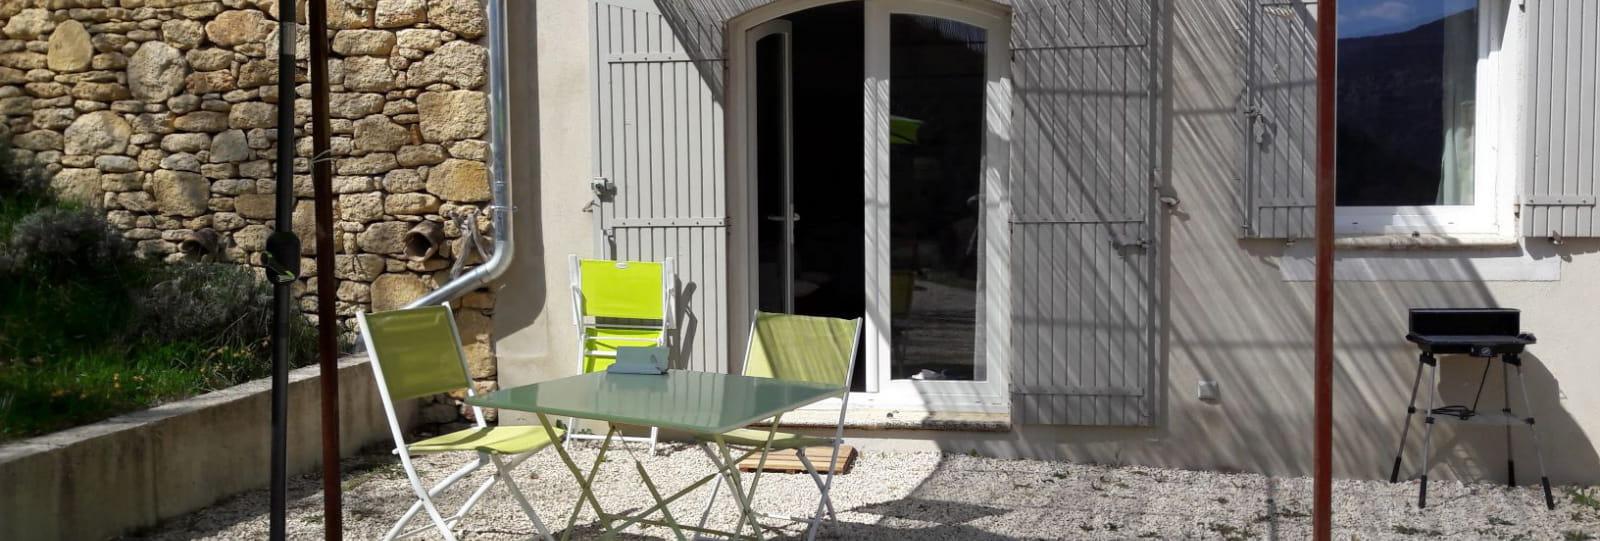 Ventoux Revitalisation - T2 - Le Petit Bois